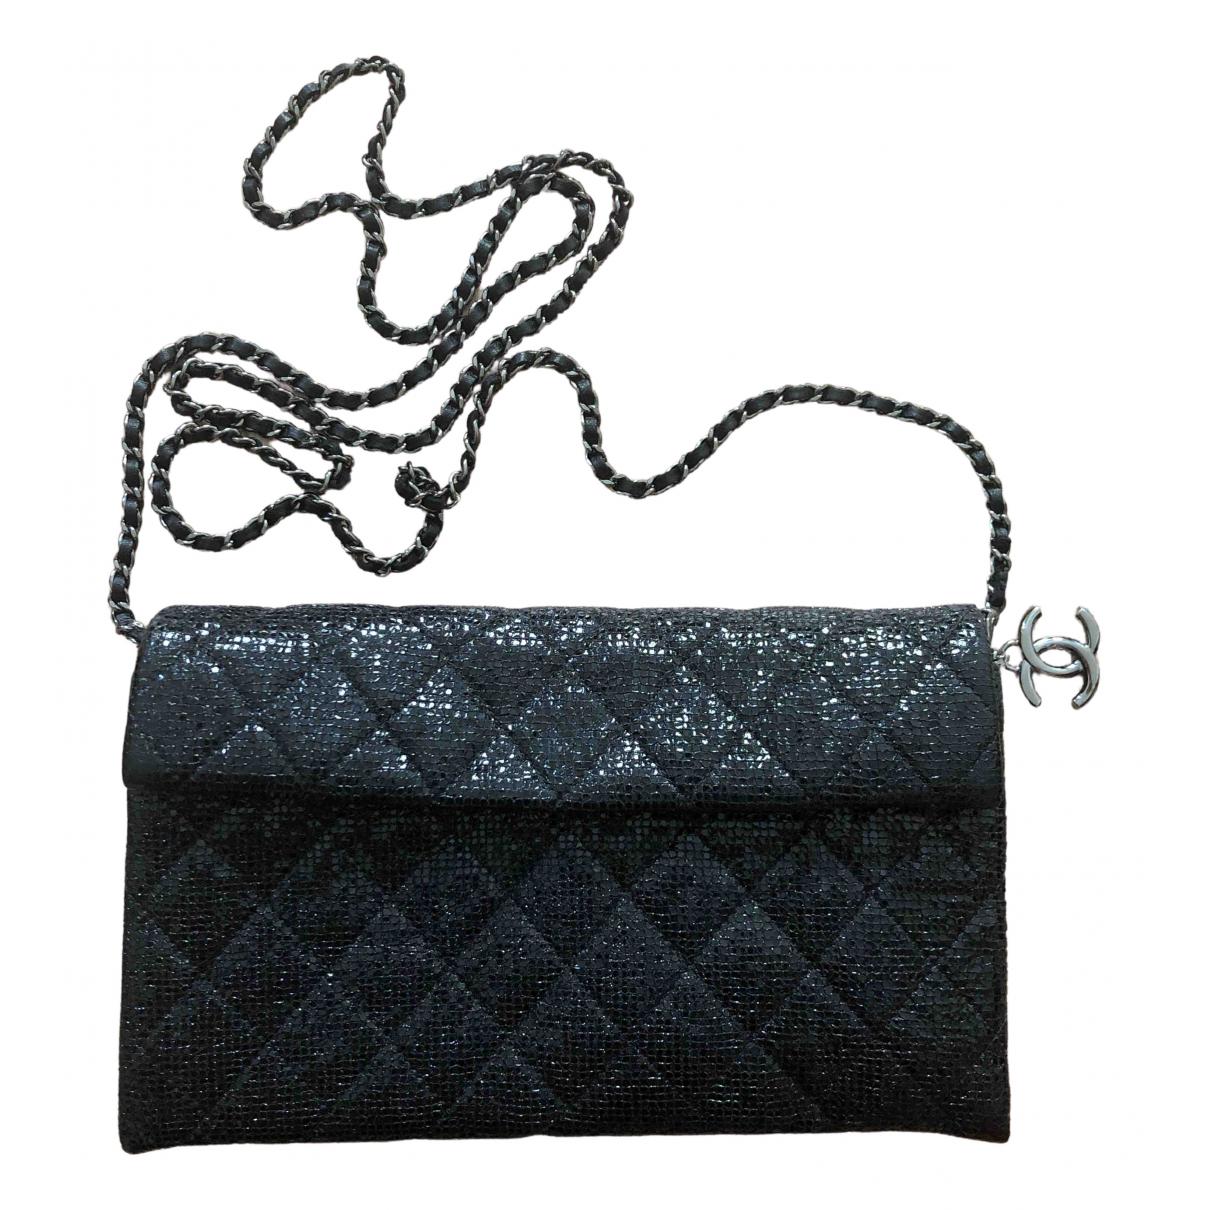 Pochette Wallet on Chain de Con lentejuelas Chanel